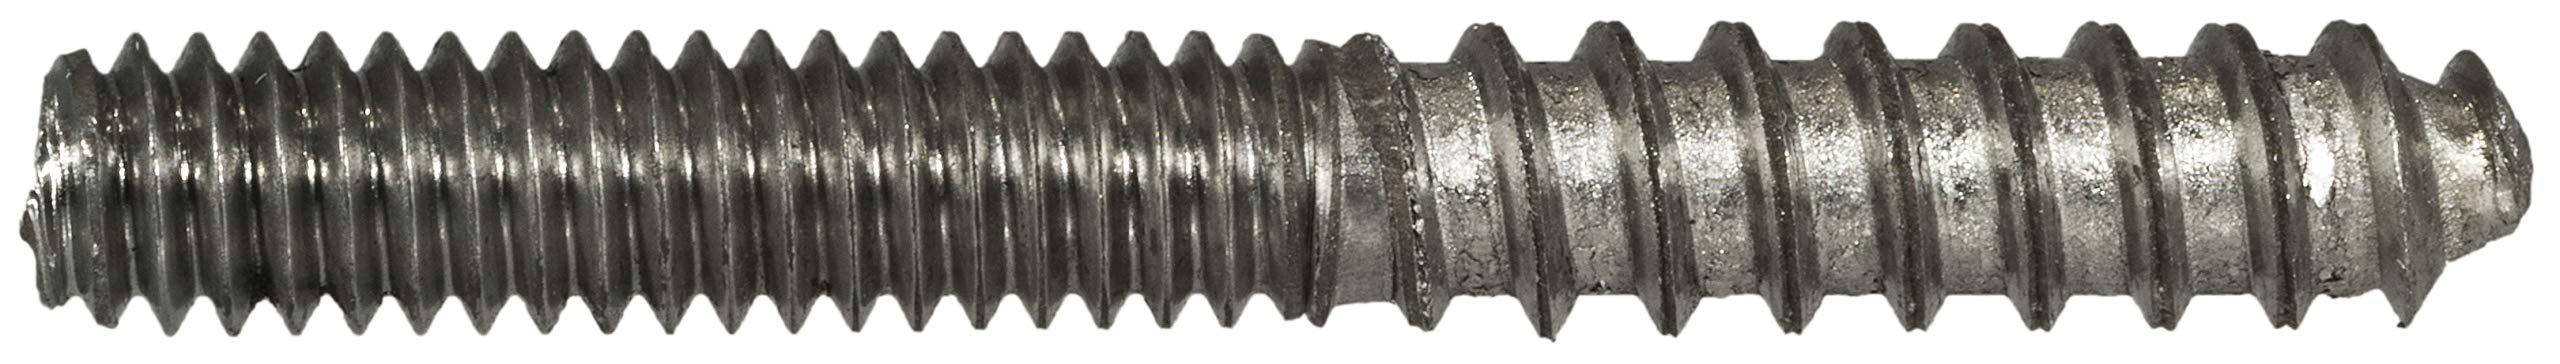 Hard-to-Find Fastener 014973171896 Hanger Bolts, 1/4 x 2, Piece-100